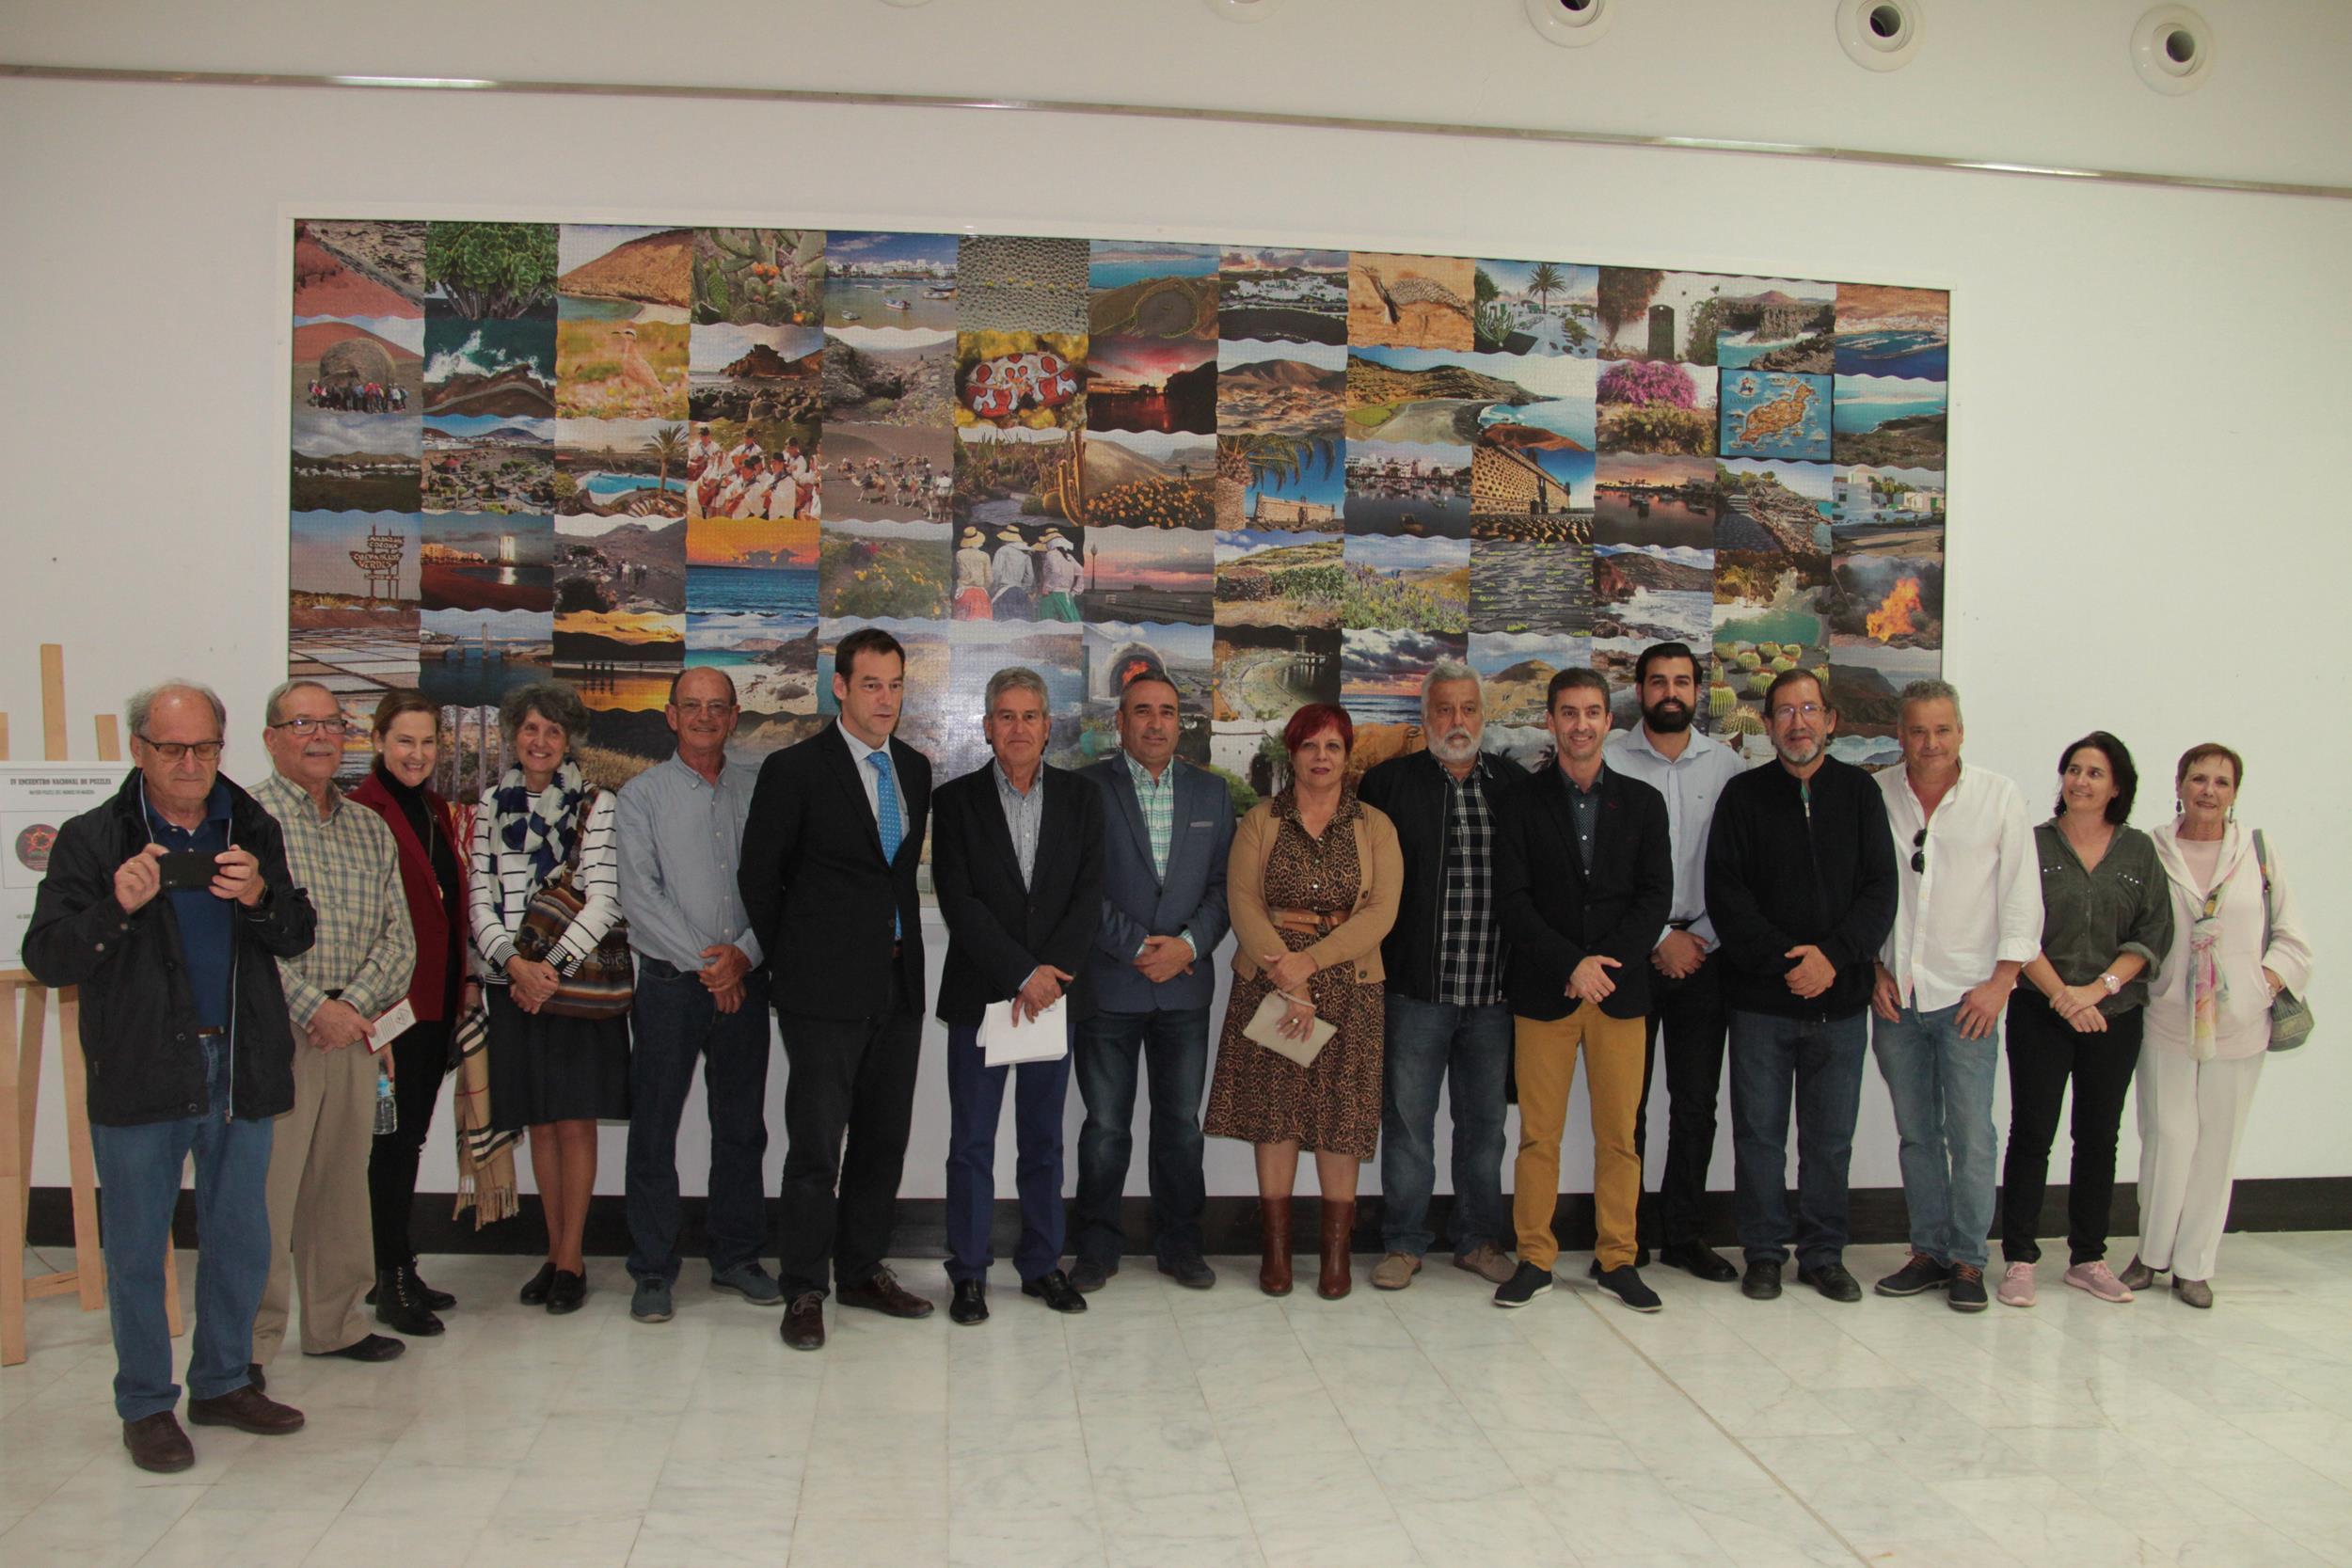 El Aeropuerto de Lanzarote expone el puzle más grande del mundo con 91 fotografías de la Isla y 45.500 piezas